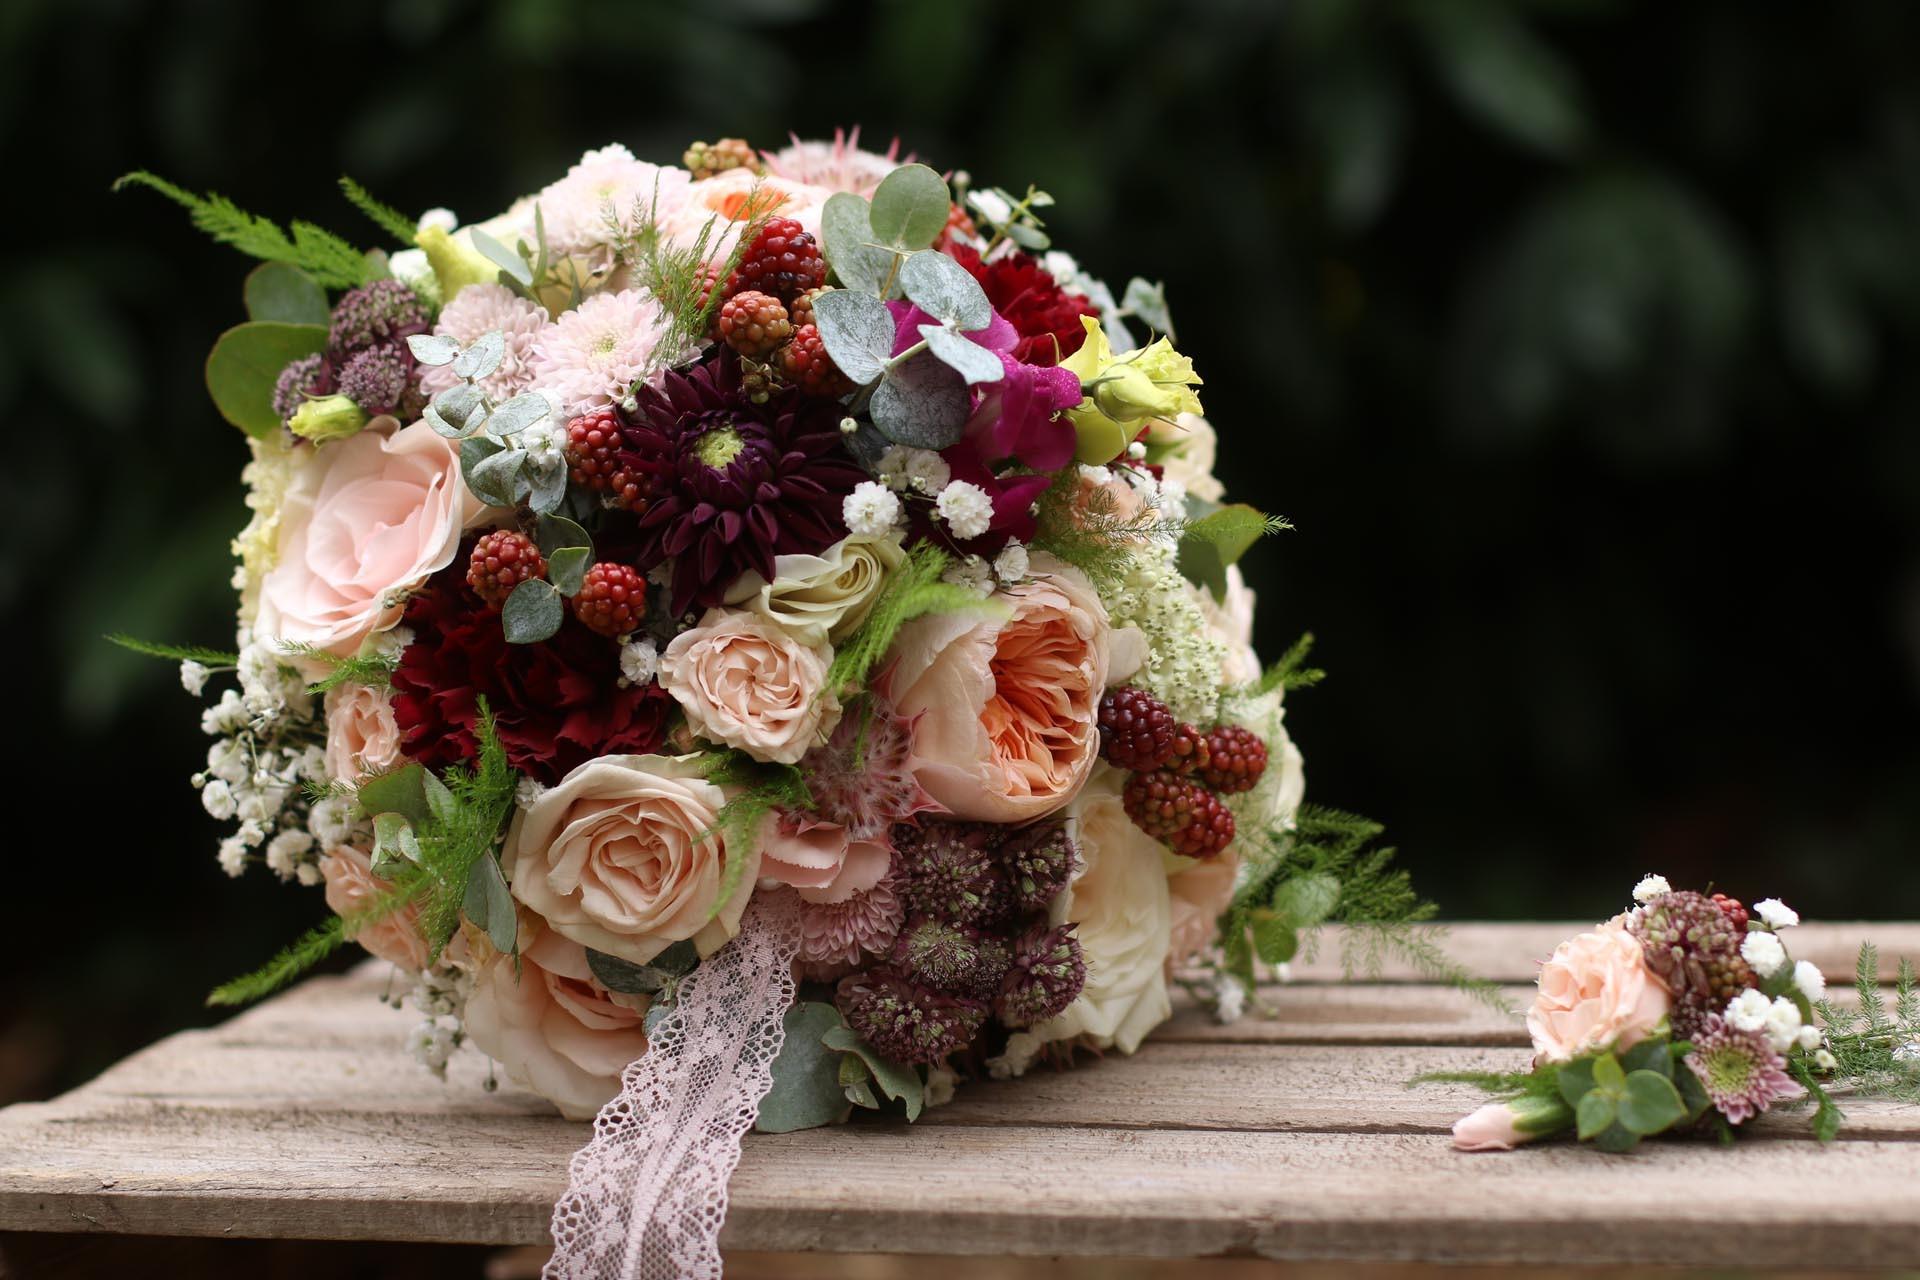 herbstliche Brautkugel mit Pfingstrosen und Brombeeren